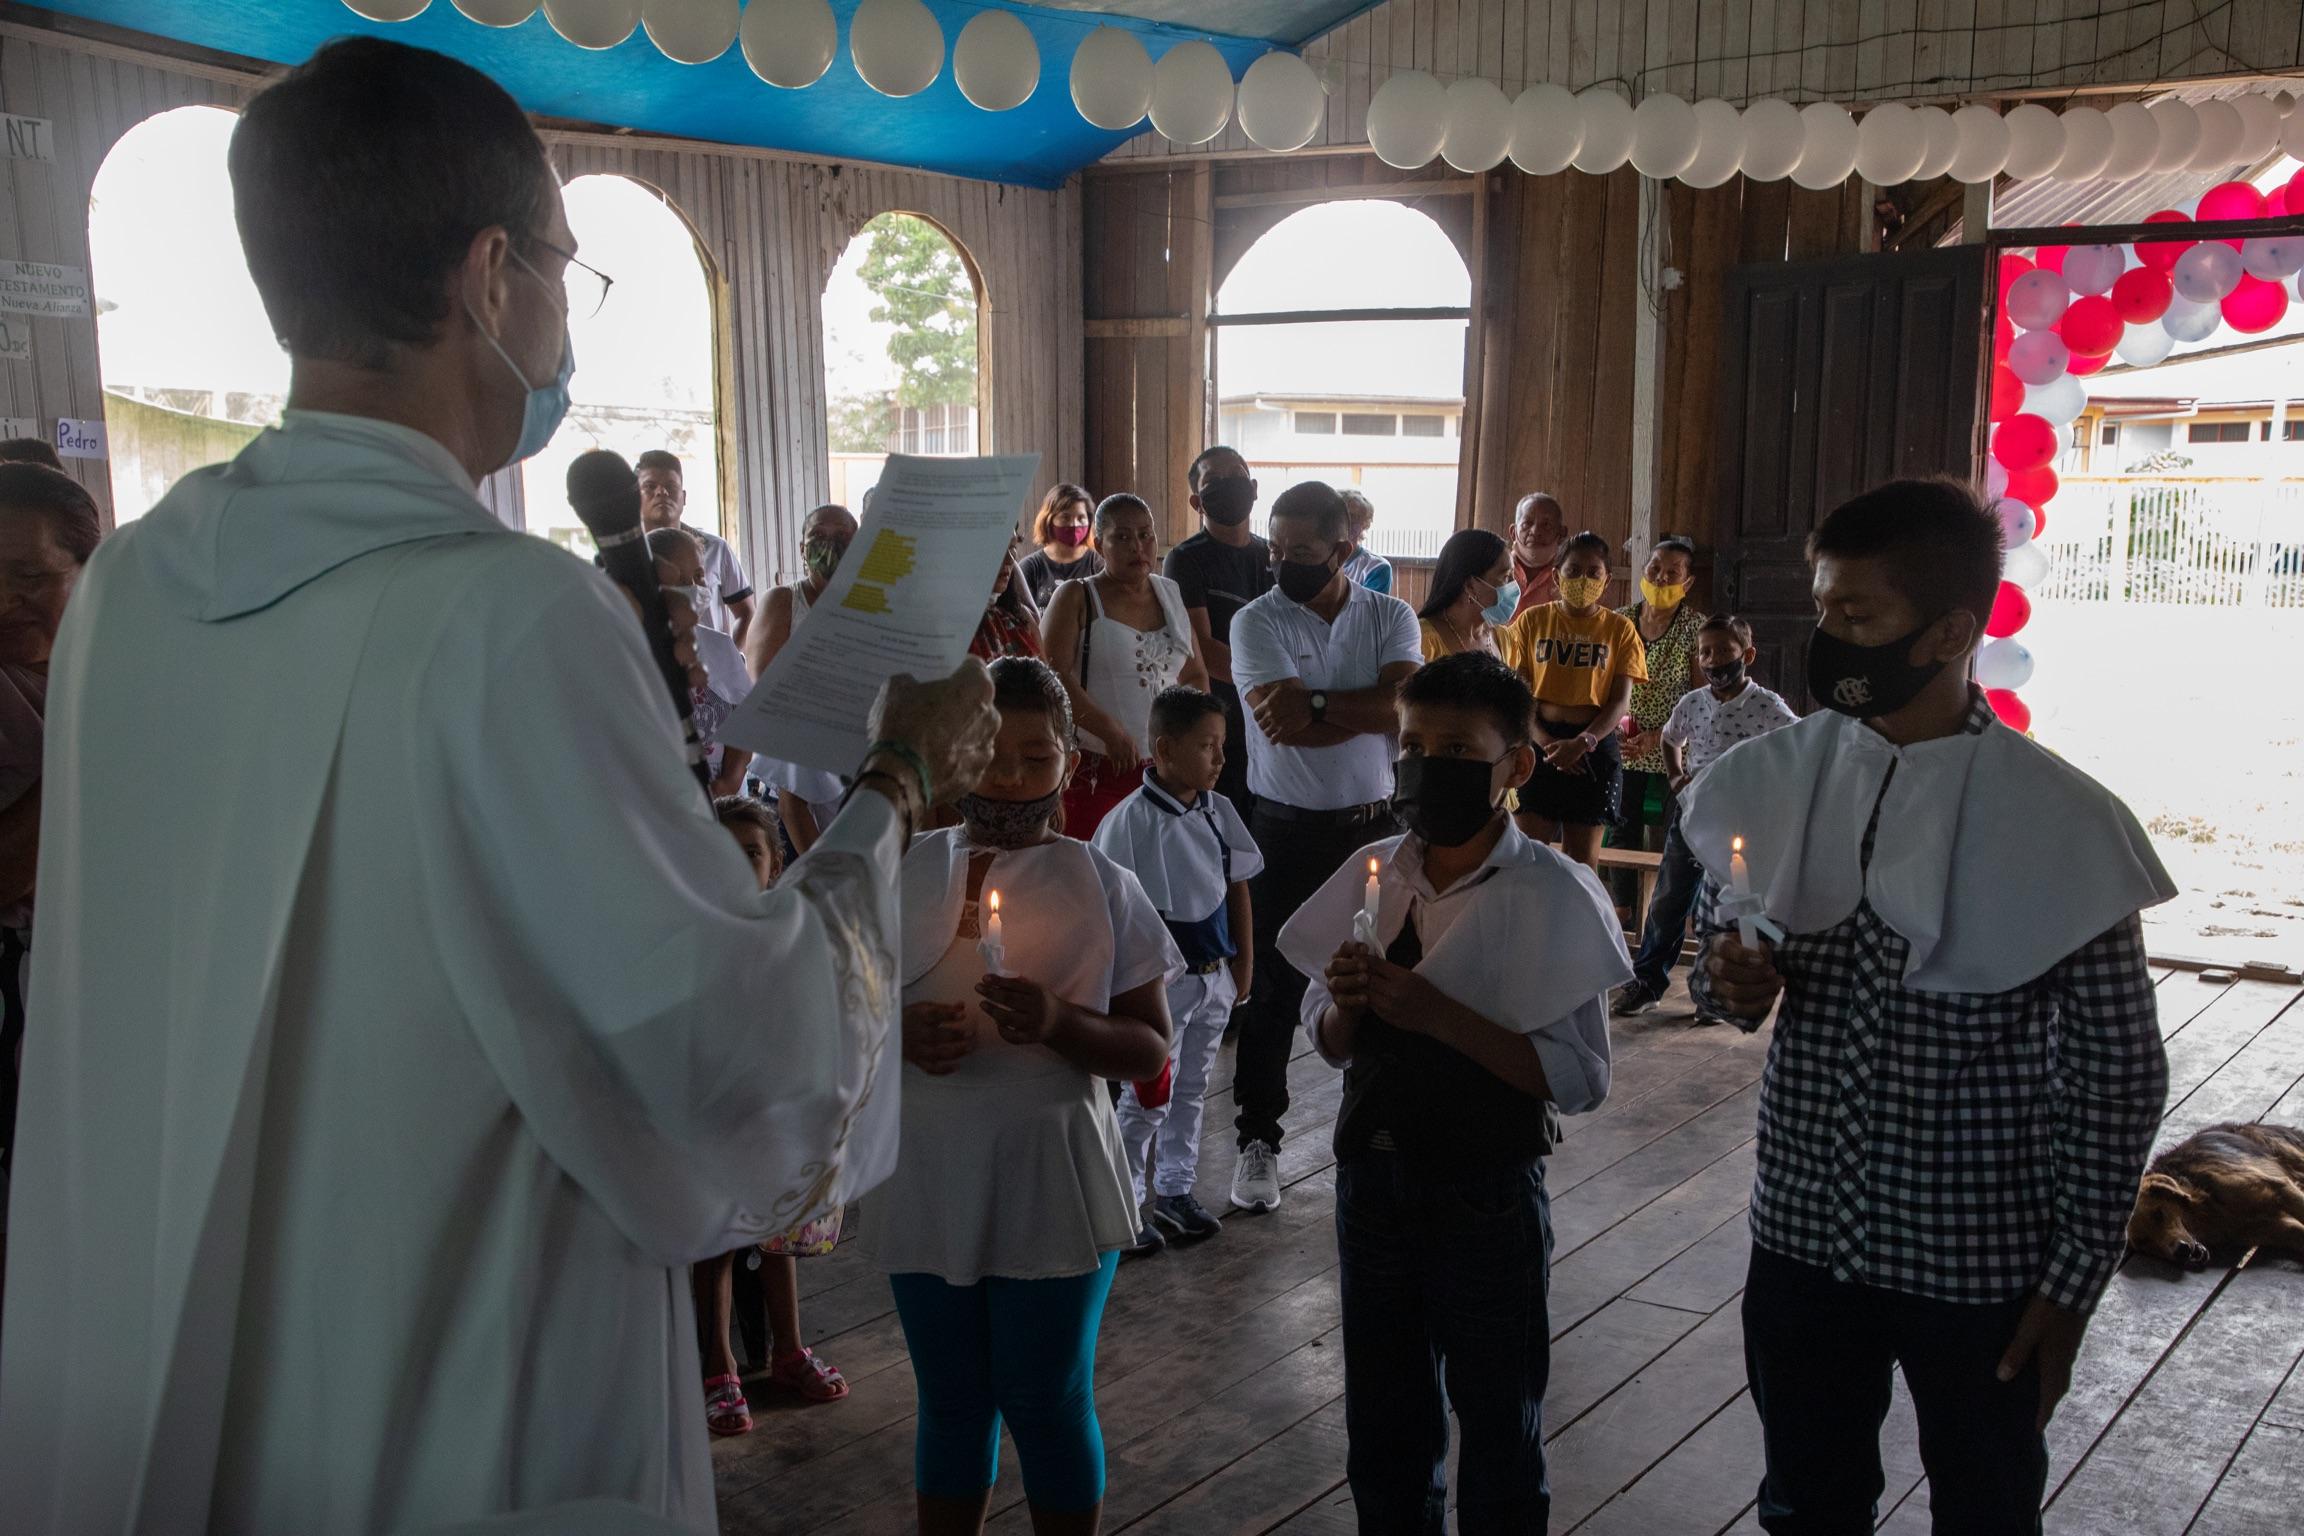 bautismo-santa-rosa (1)